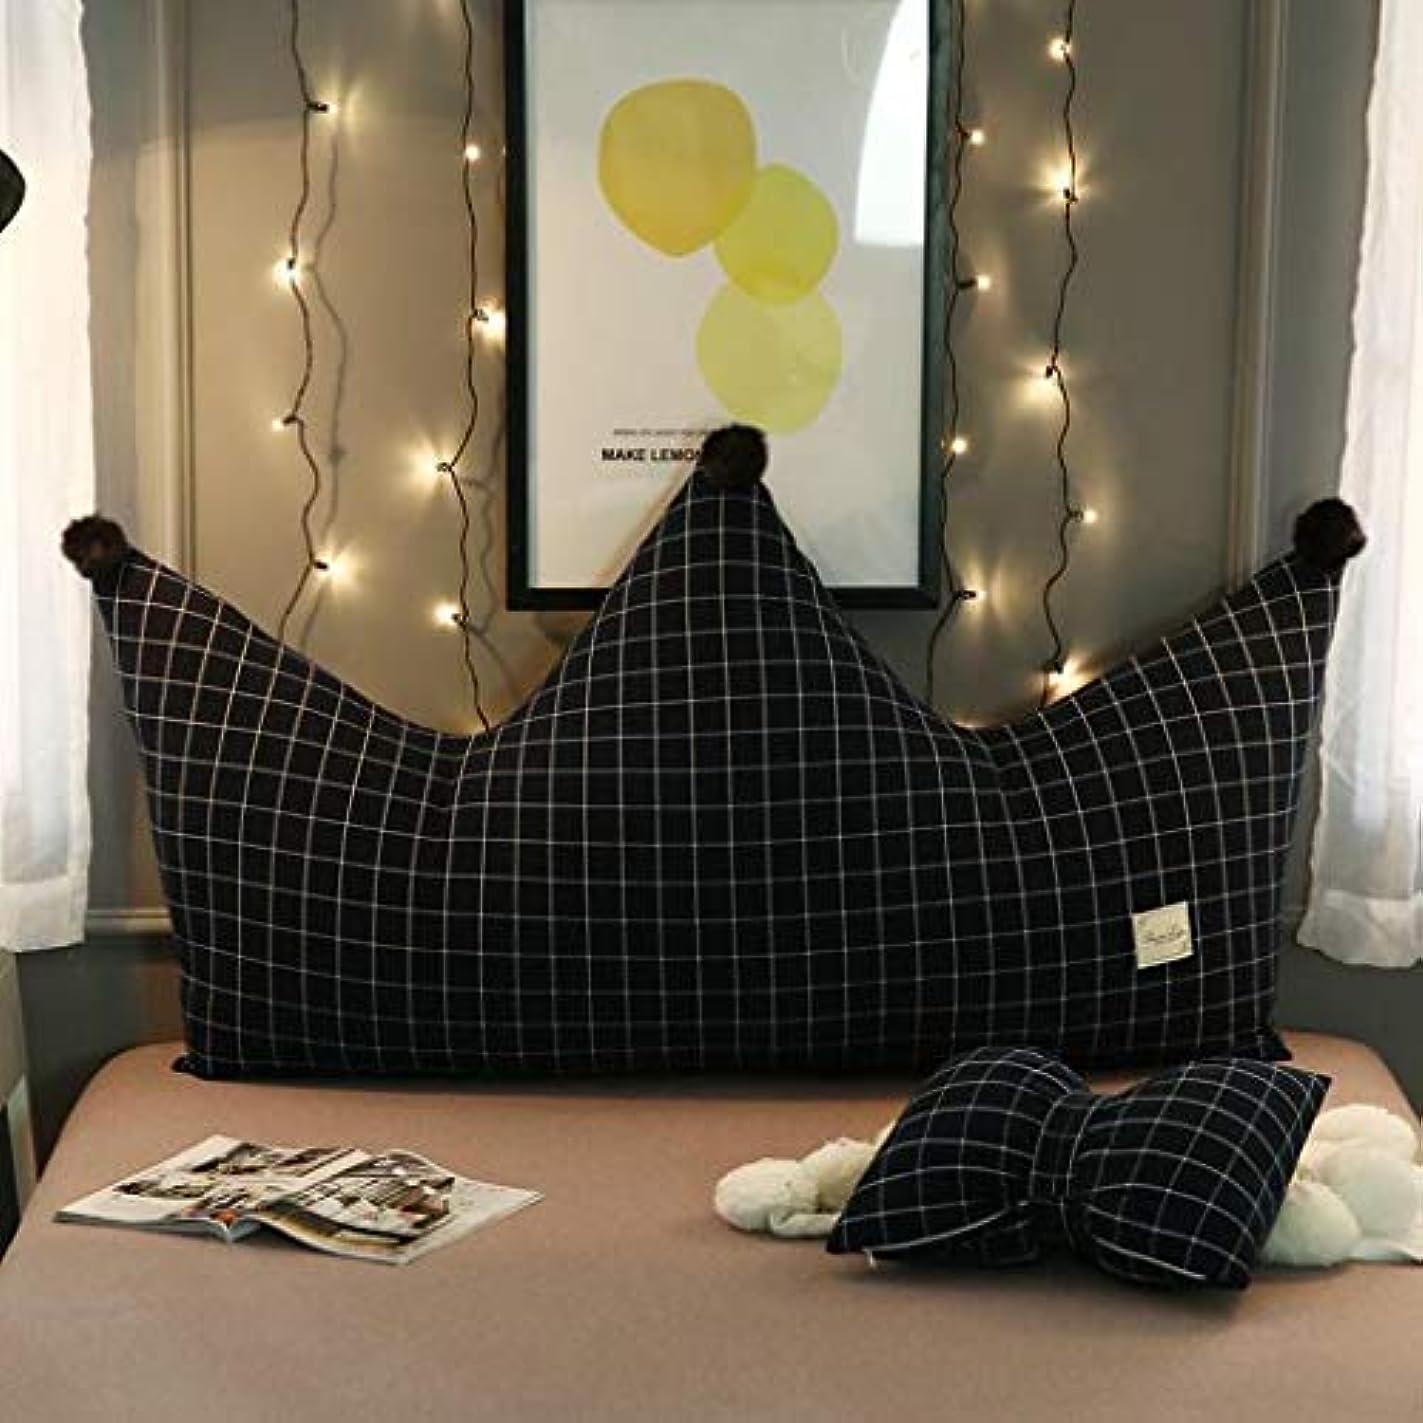 知り合いビット物足りないクラウンピローベッド枕寝室ソフトバッグ王女風ベッドヘッドクッション大背もたれシンプルモダン JSSFQK (Color : C, Size : 120cm)